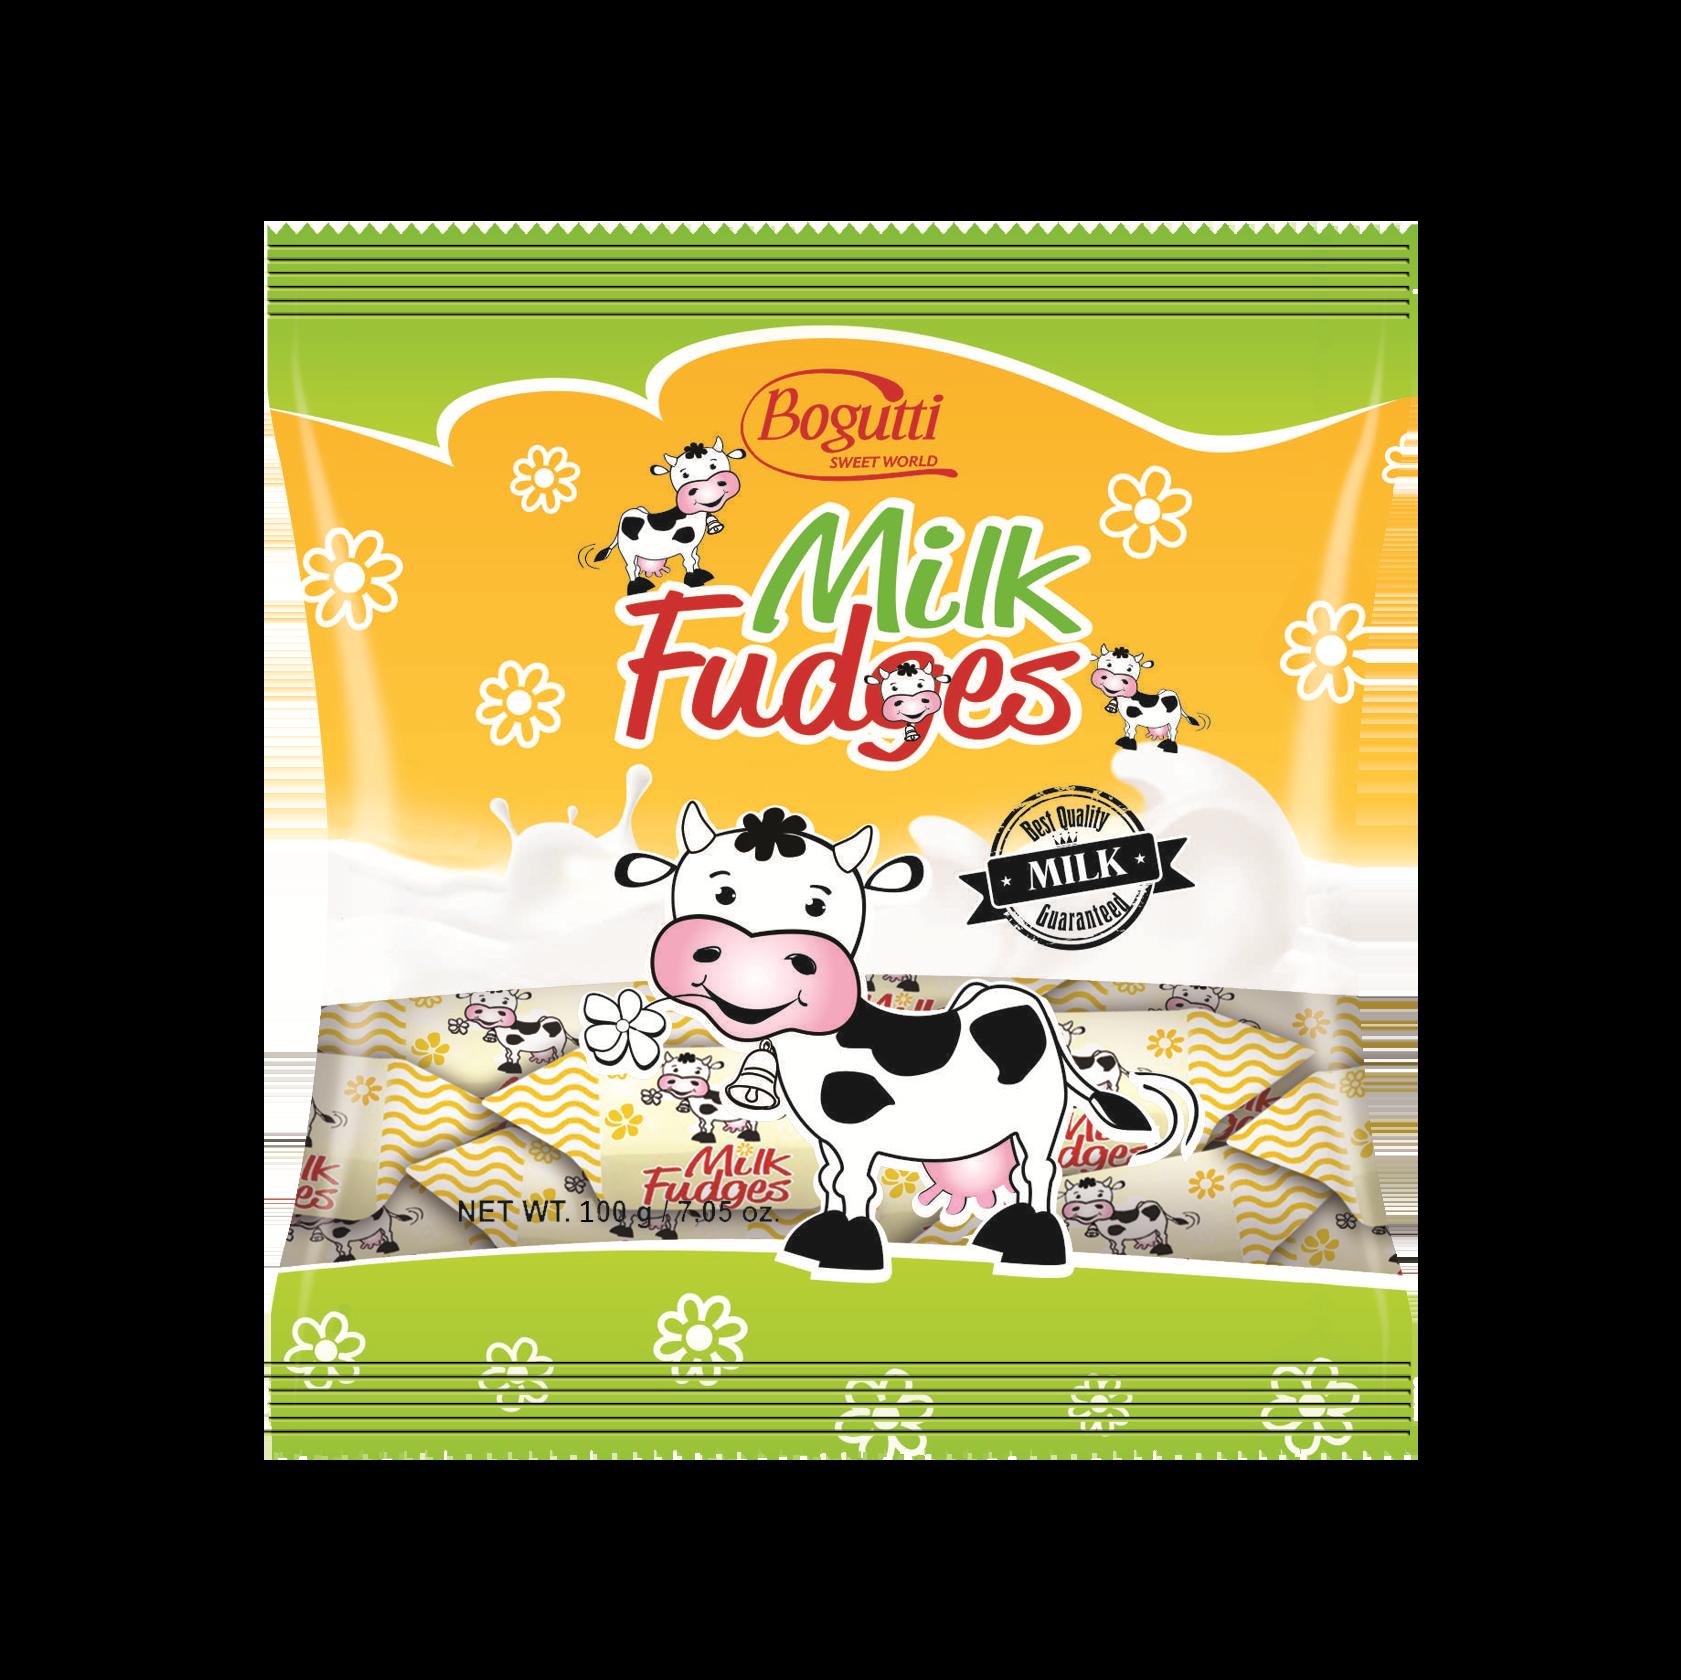 Bogutti milk fudges